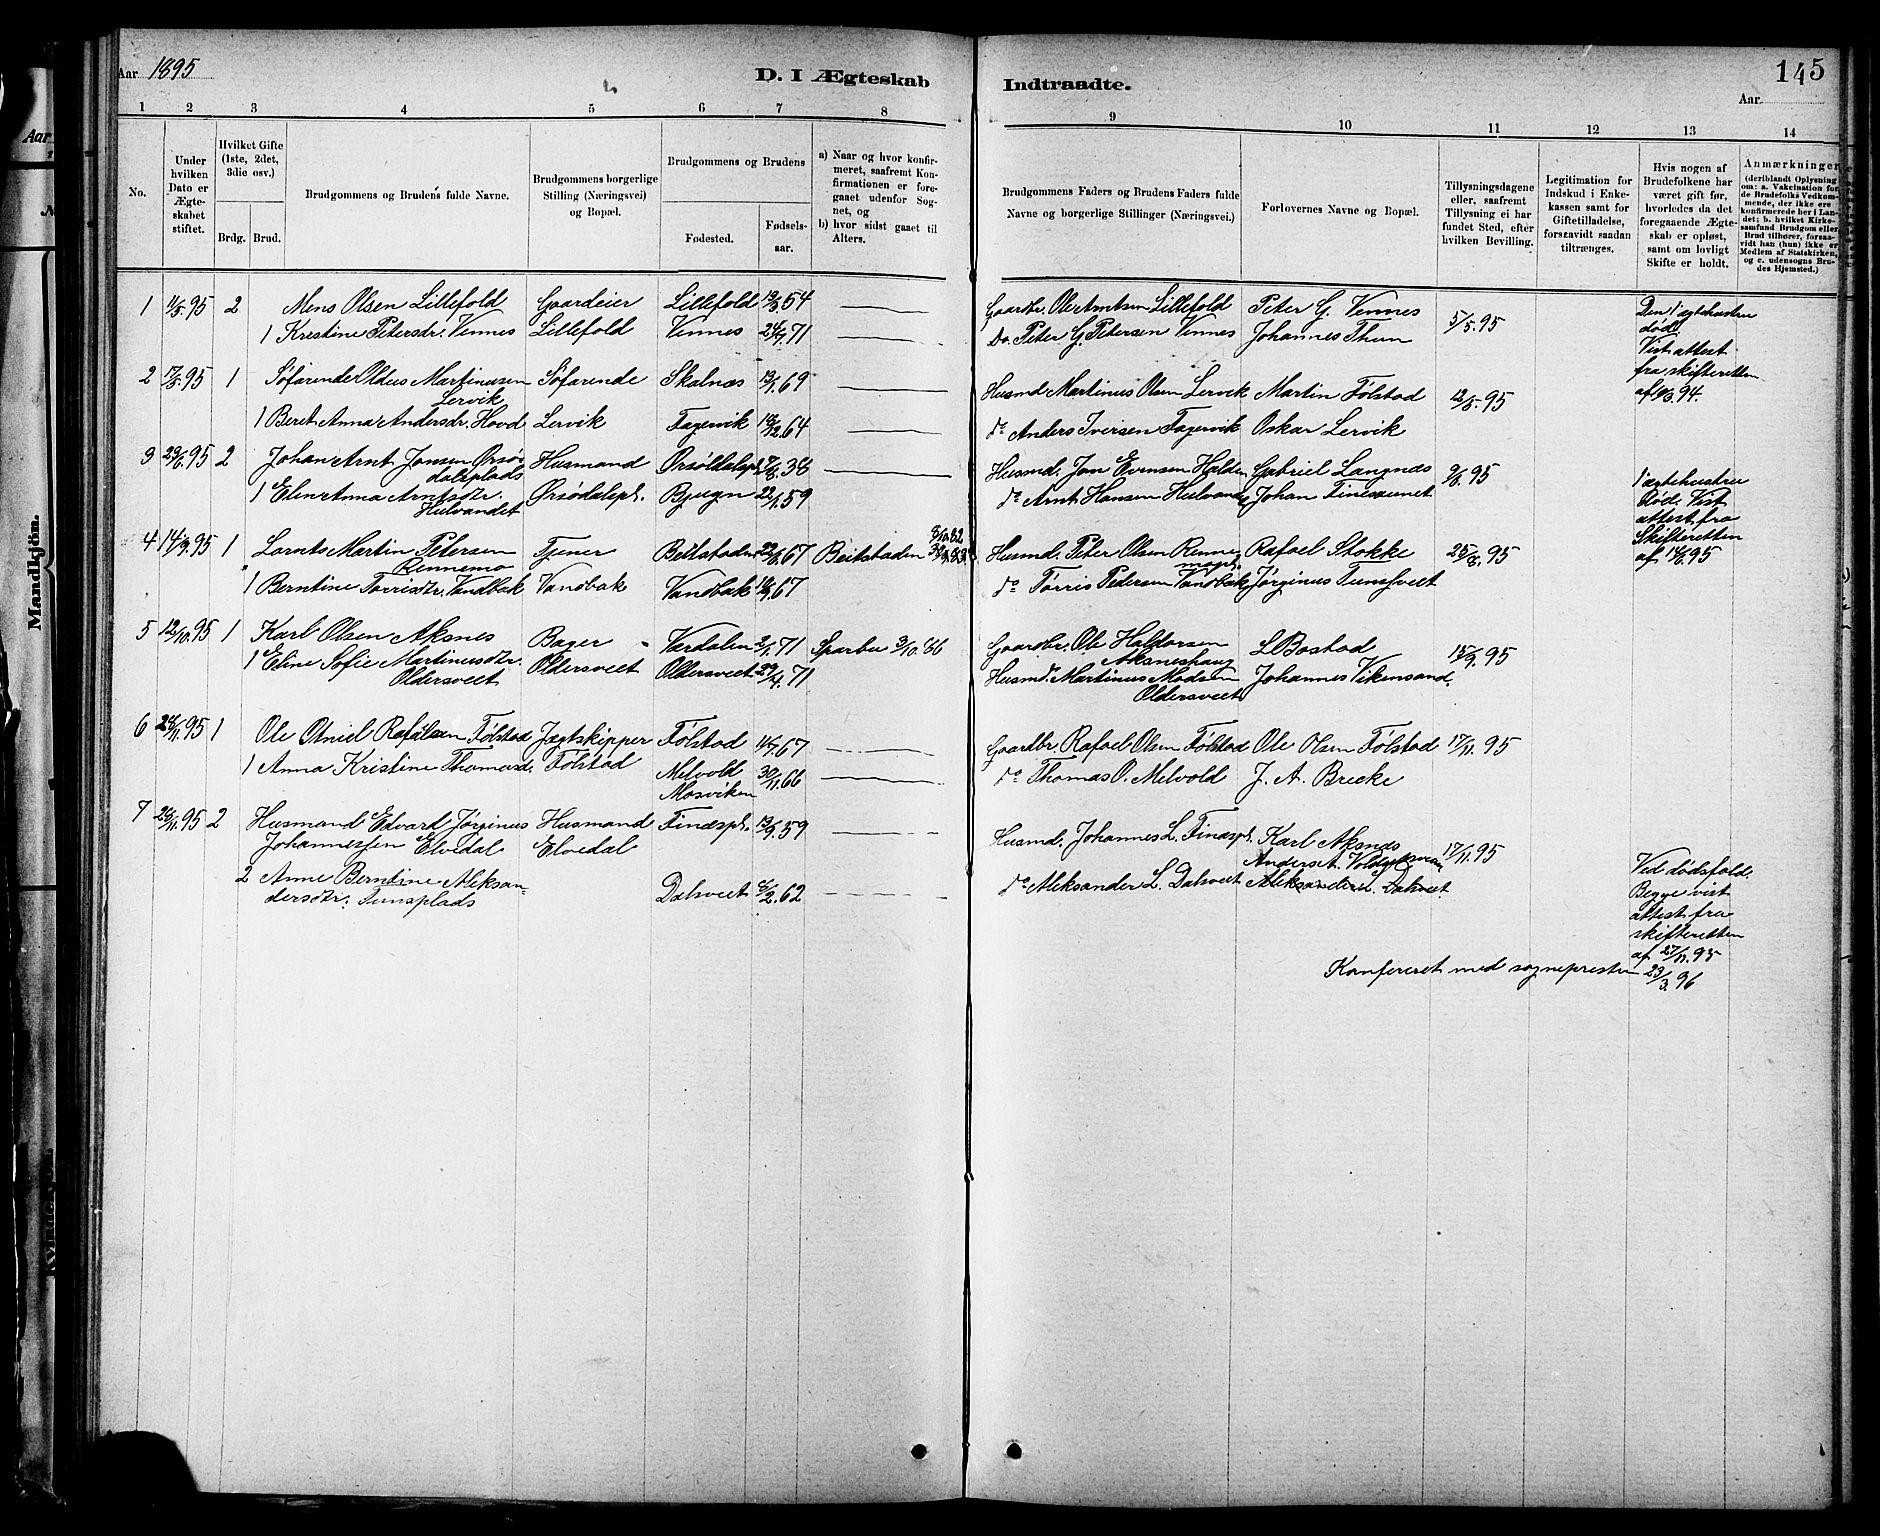 SAT, Ministerialprotokoller, klokkerbøker og fødselsregistre - Nord-Trøndelag, 744/L0423: Klokkerbok nr. 744C02, 1886-1905, s. 145